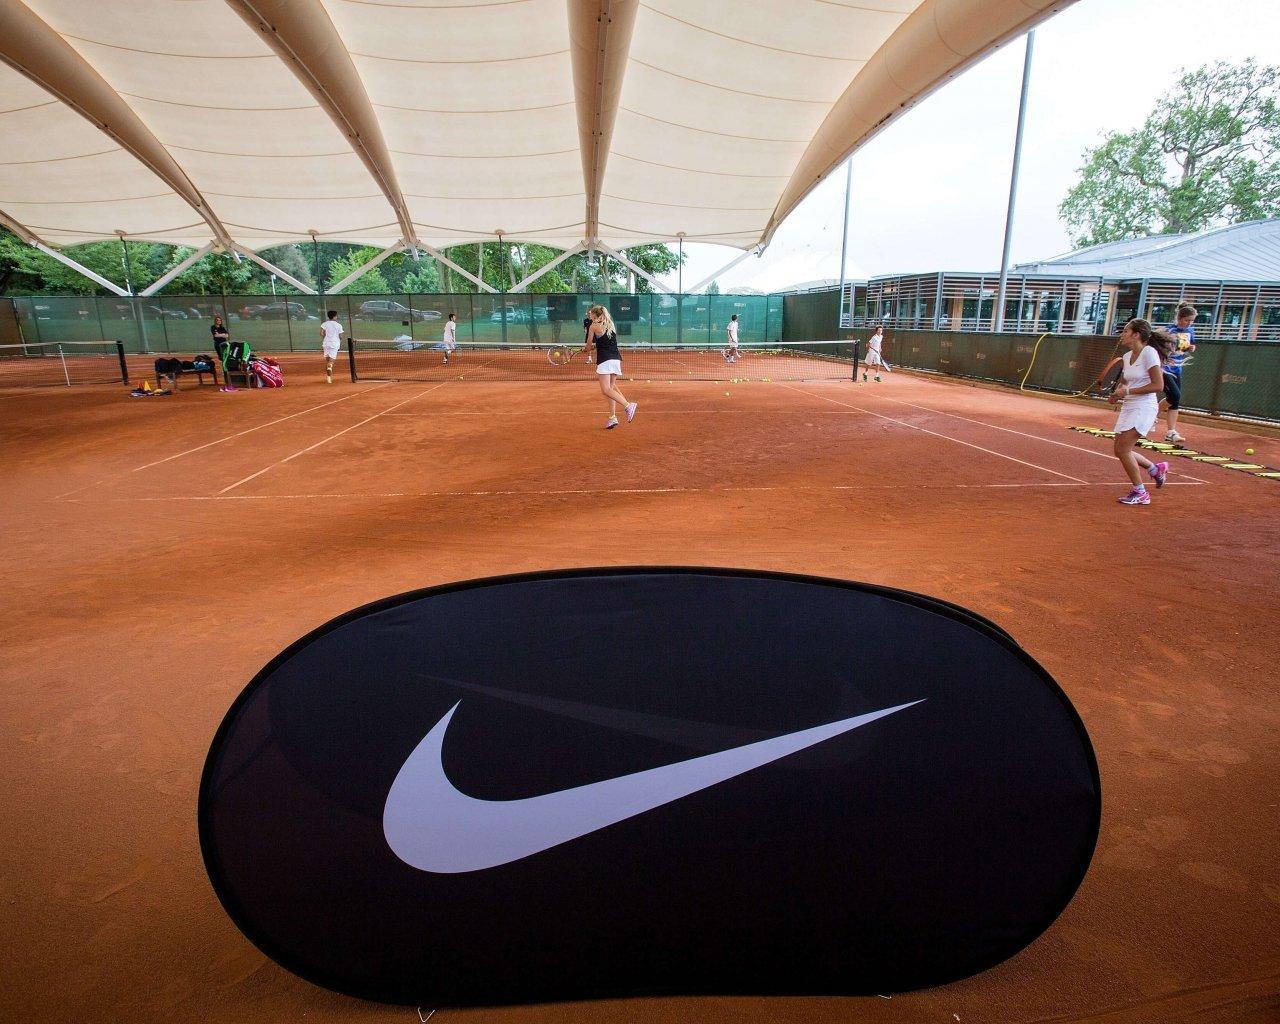 El campamento de tenis de Nike va dirigido a chicos y chicas de entre 10 y  17 años y ofrece 3 programas diferentes dependiendo de objetivo y nivel de  los ...